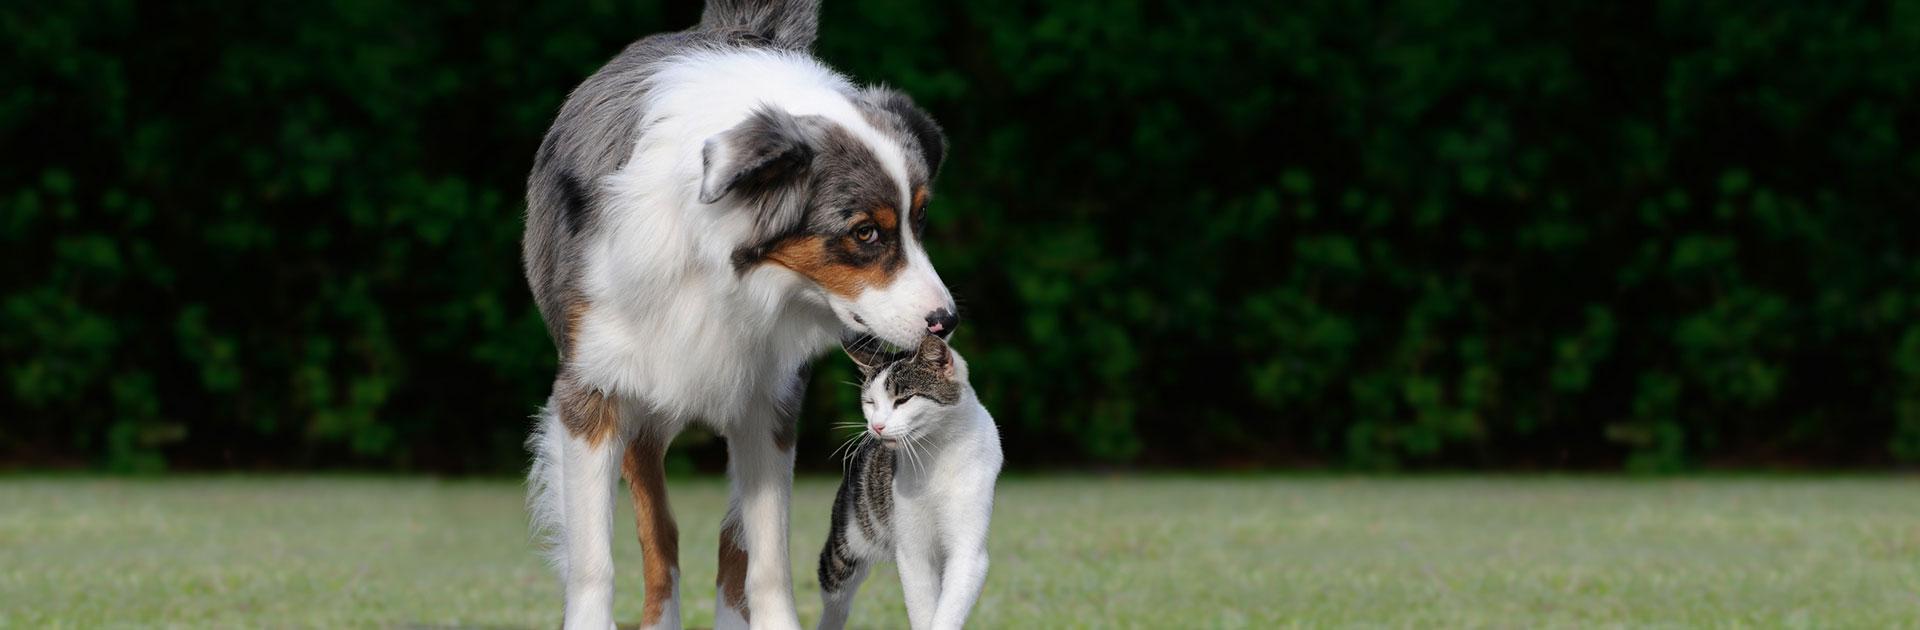 Katze und Hund schmusen im Freien